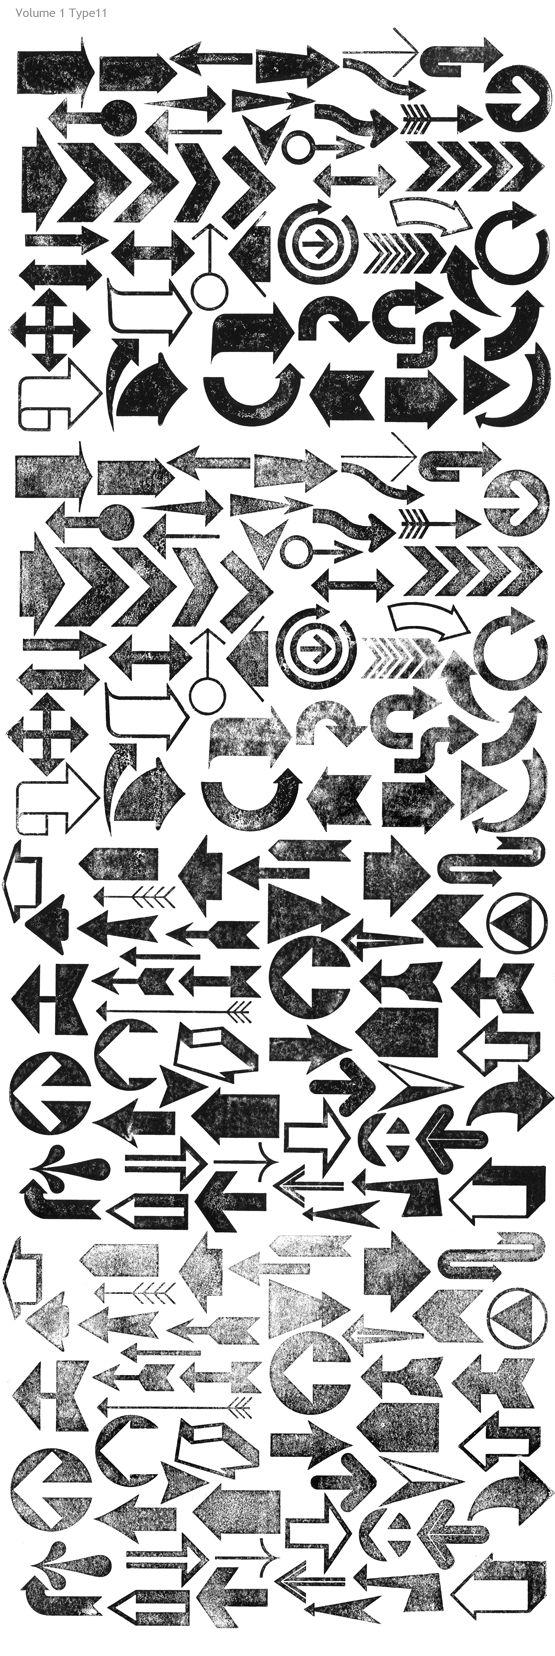 arrows - Letterpress Type11